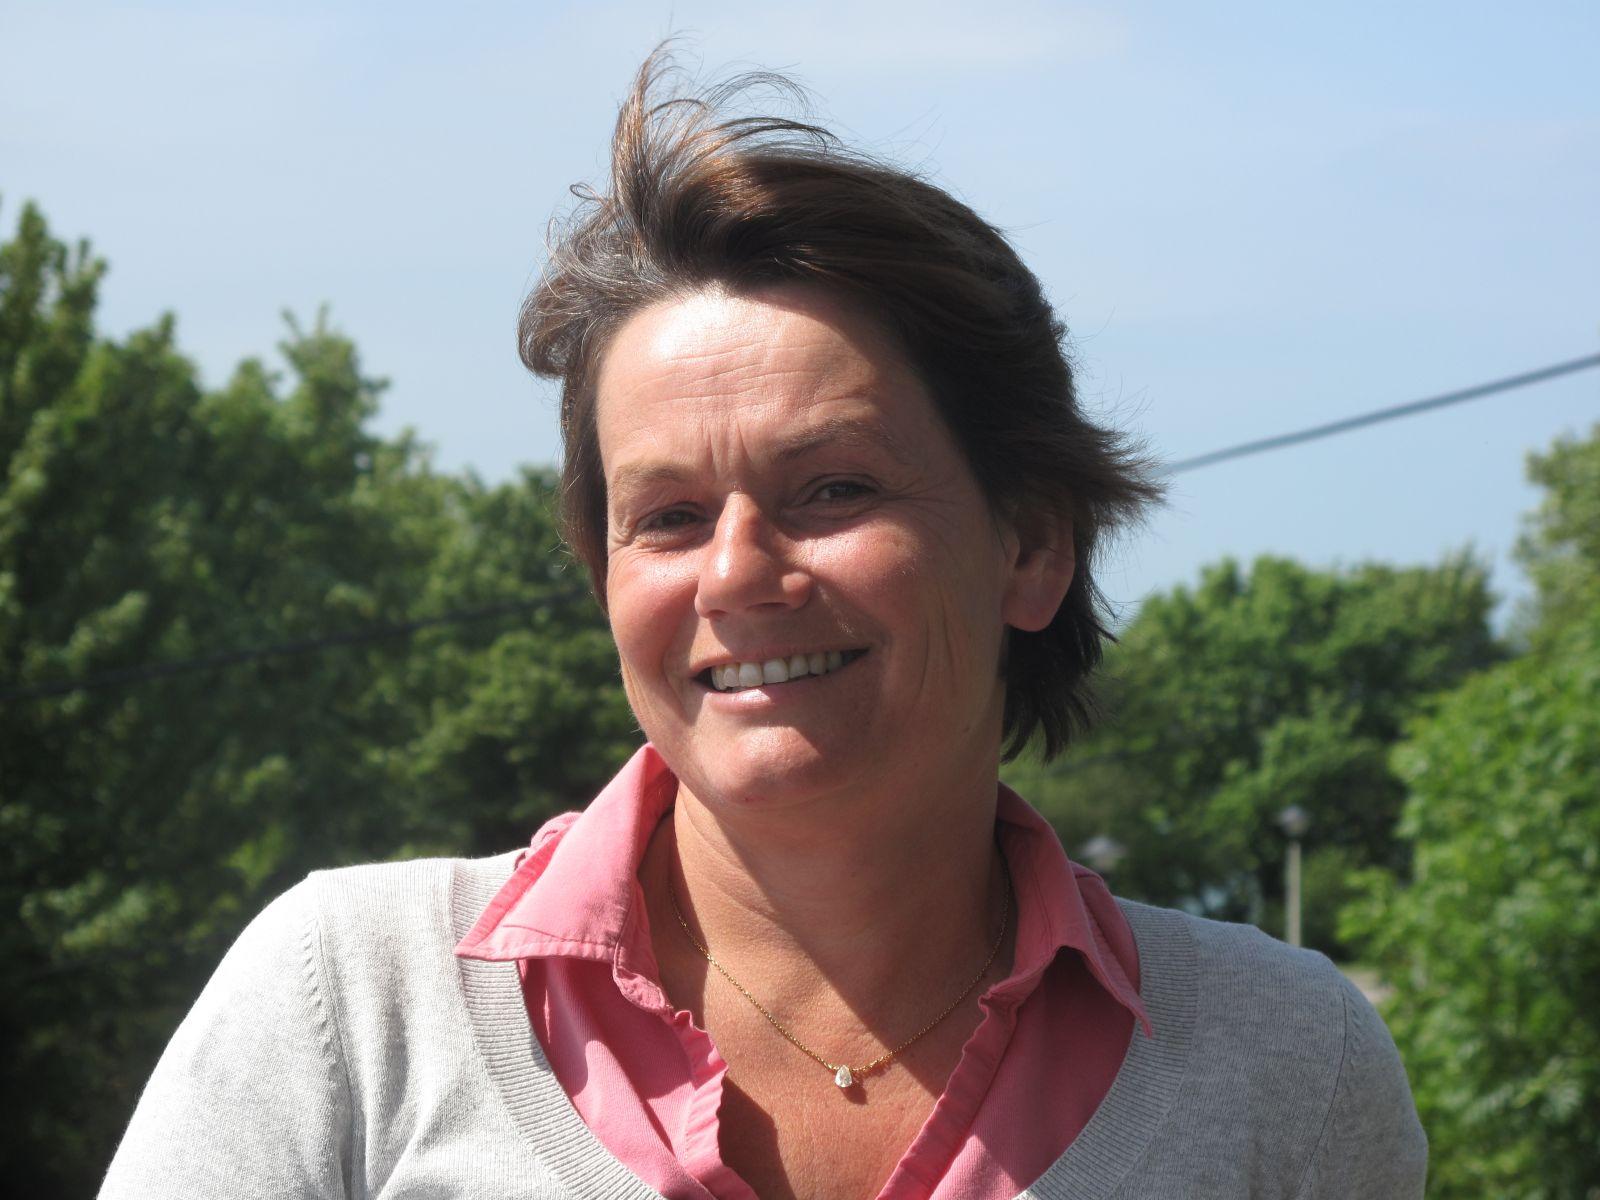 Marielle Lassarat